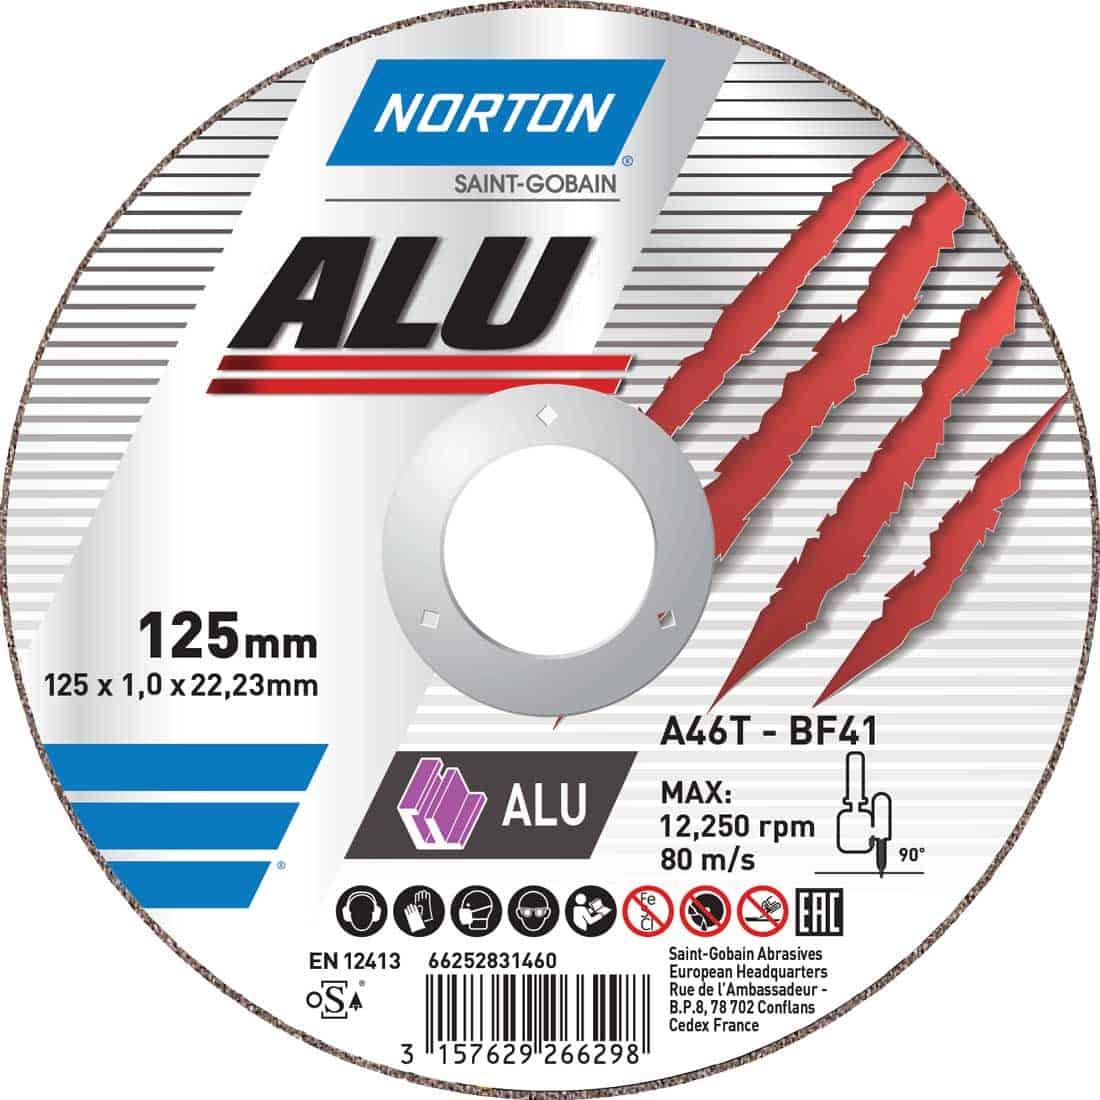 Norton-ALU-TW-125-AW-LR-v1_FAKE